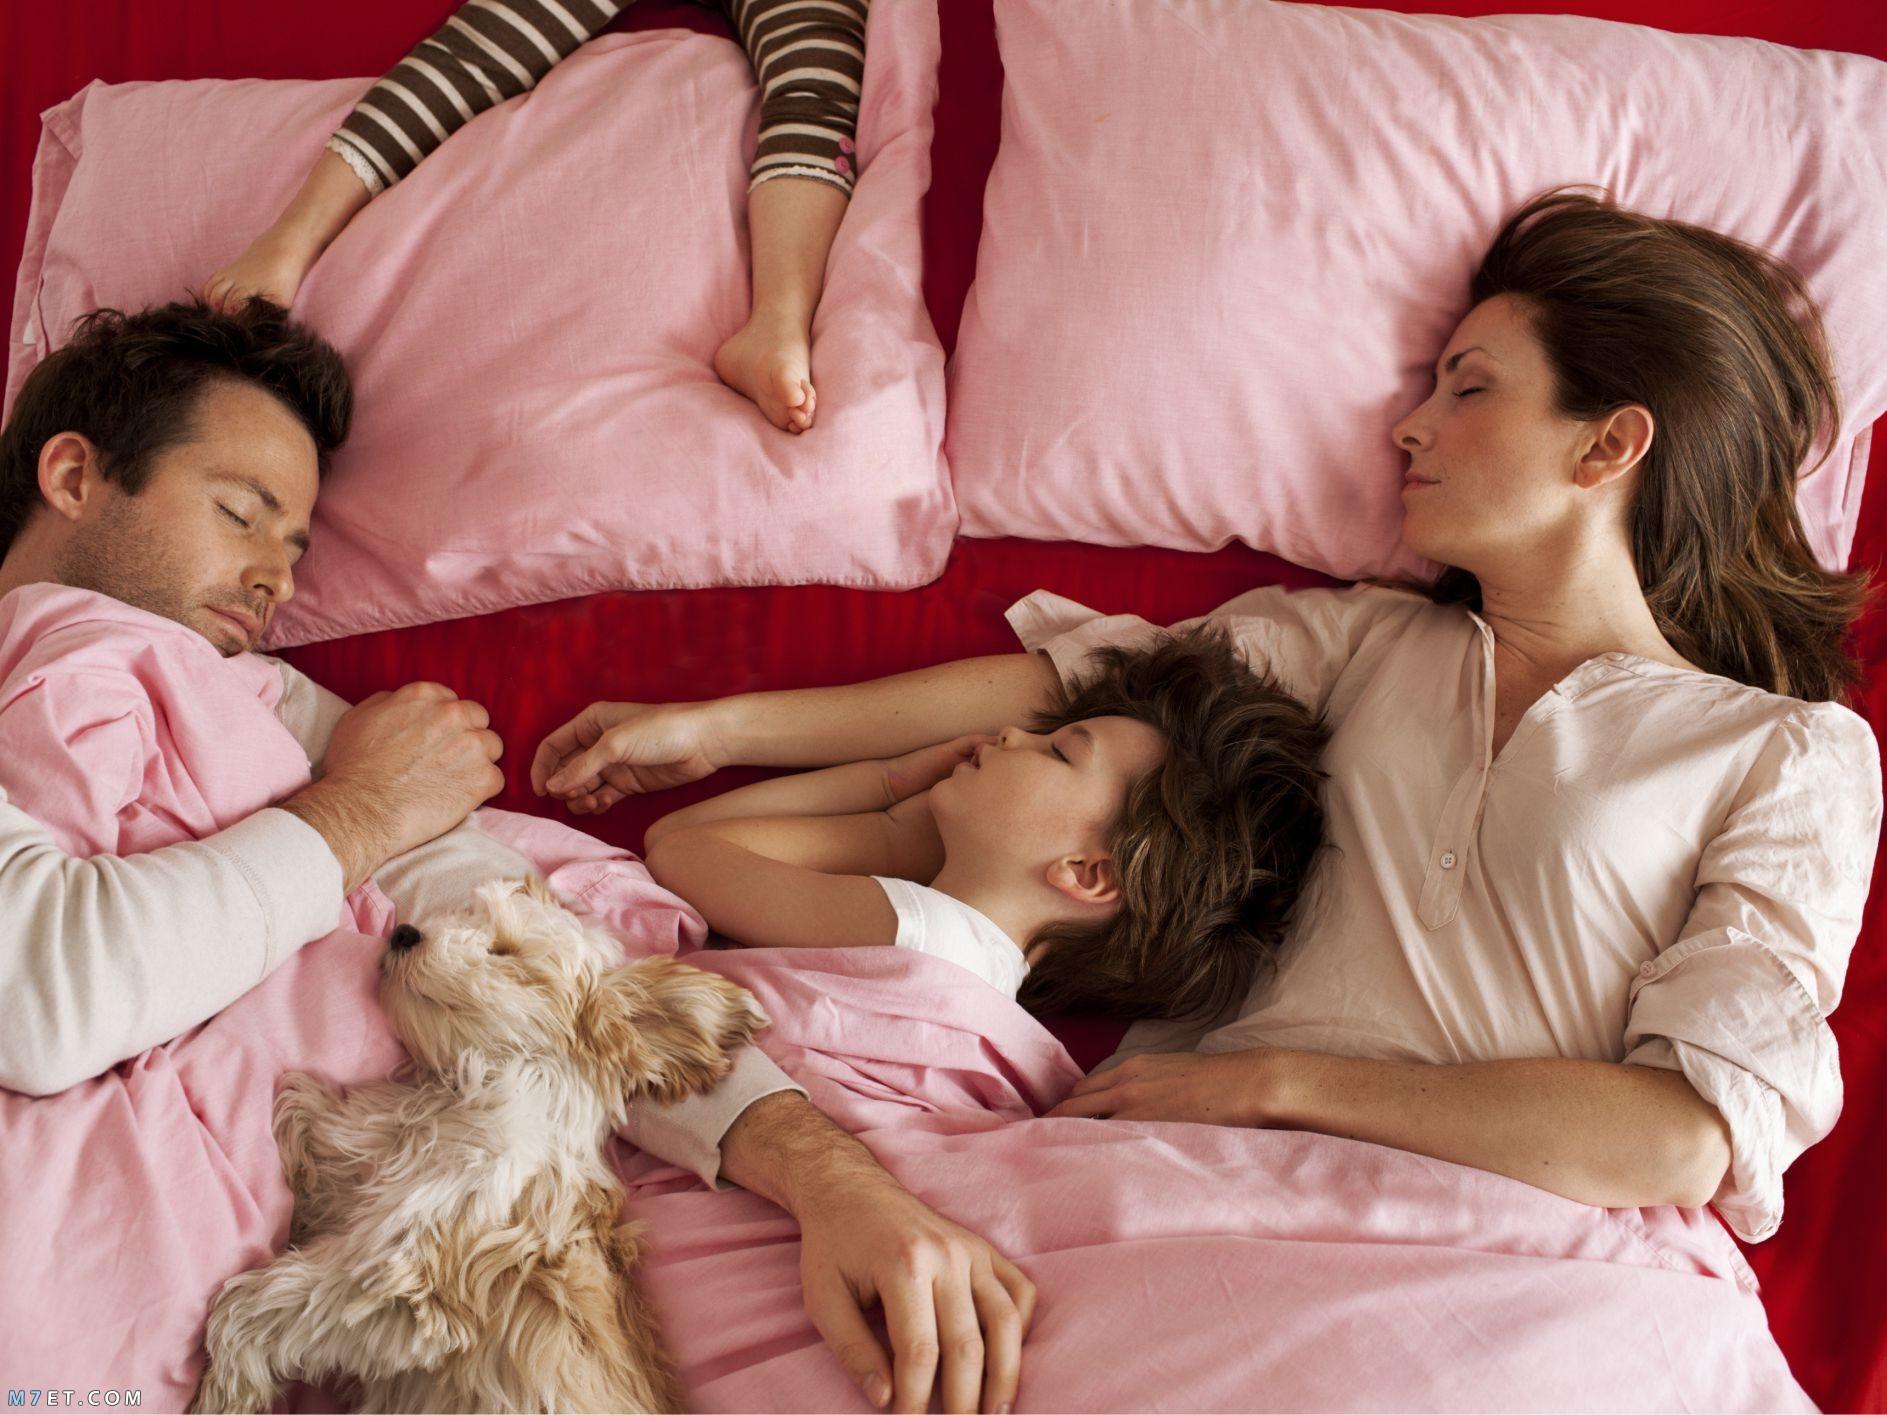 الطريقة الصحيحة للنوم